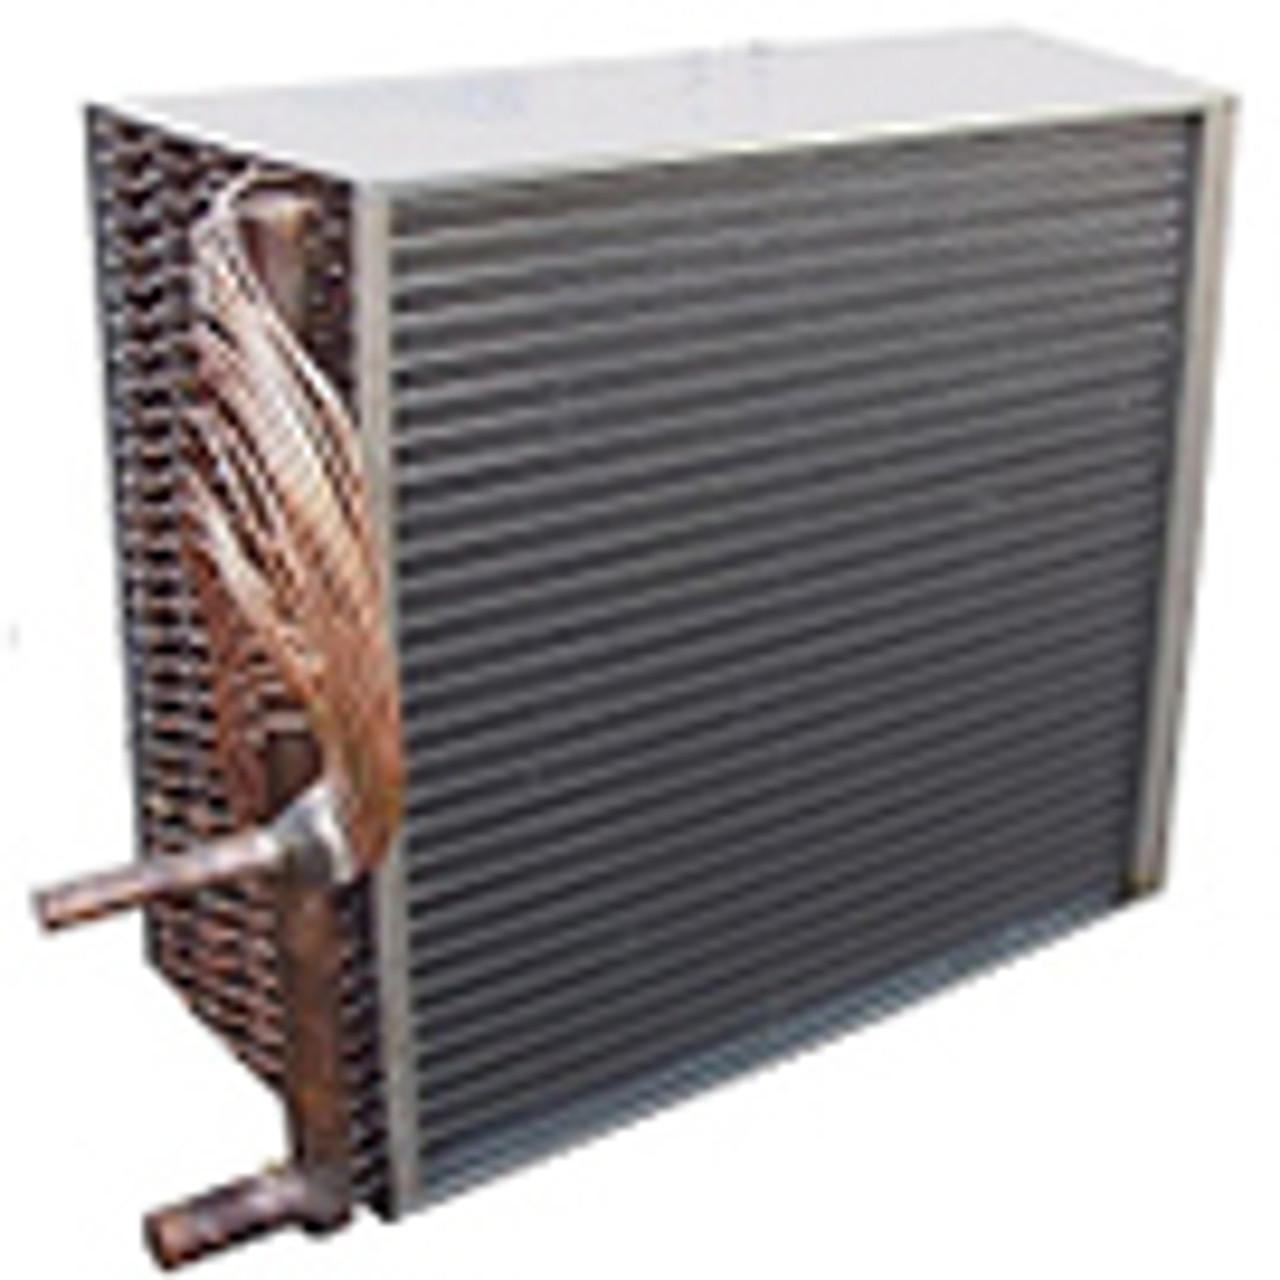 DX Refrigerant Coils